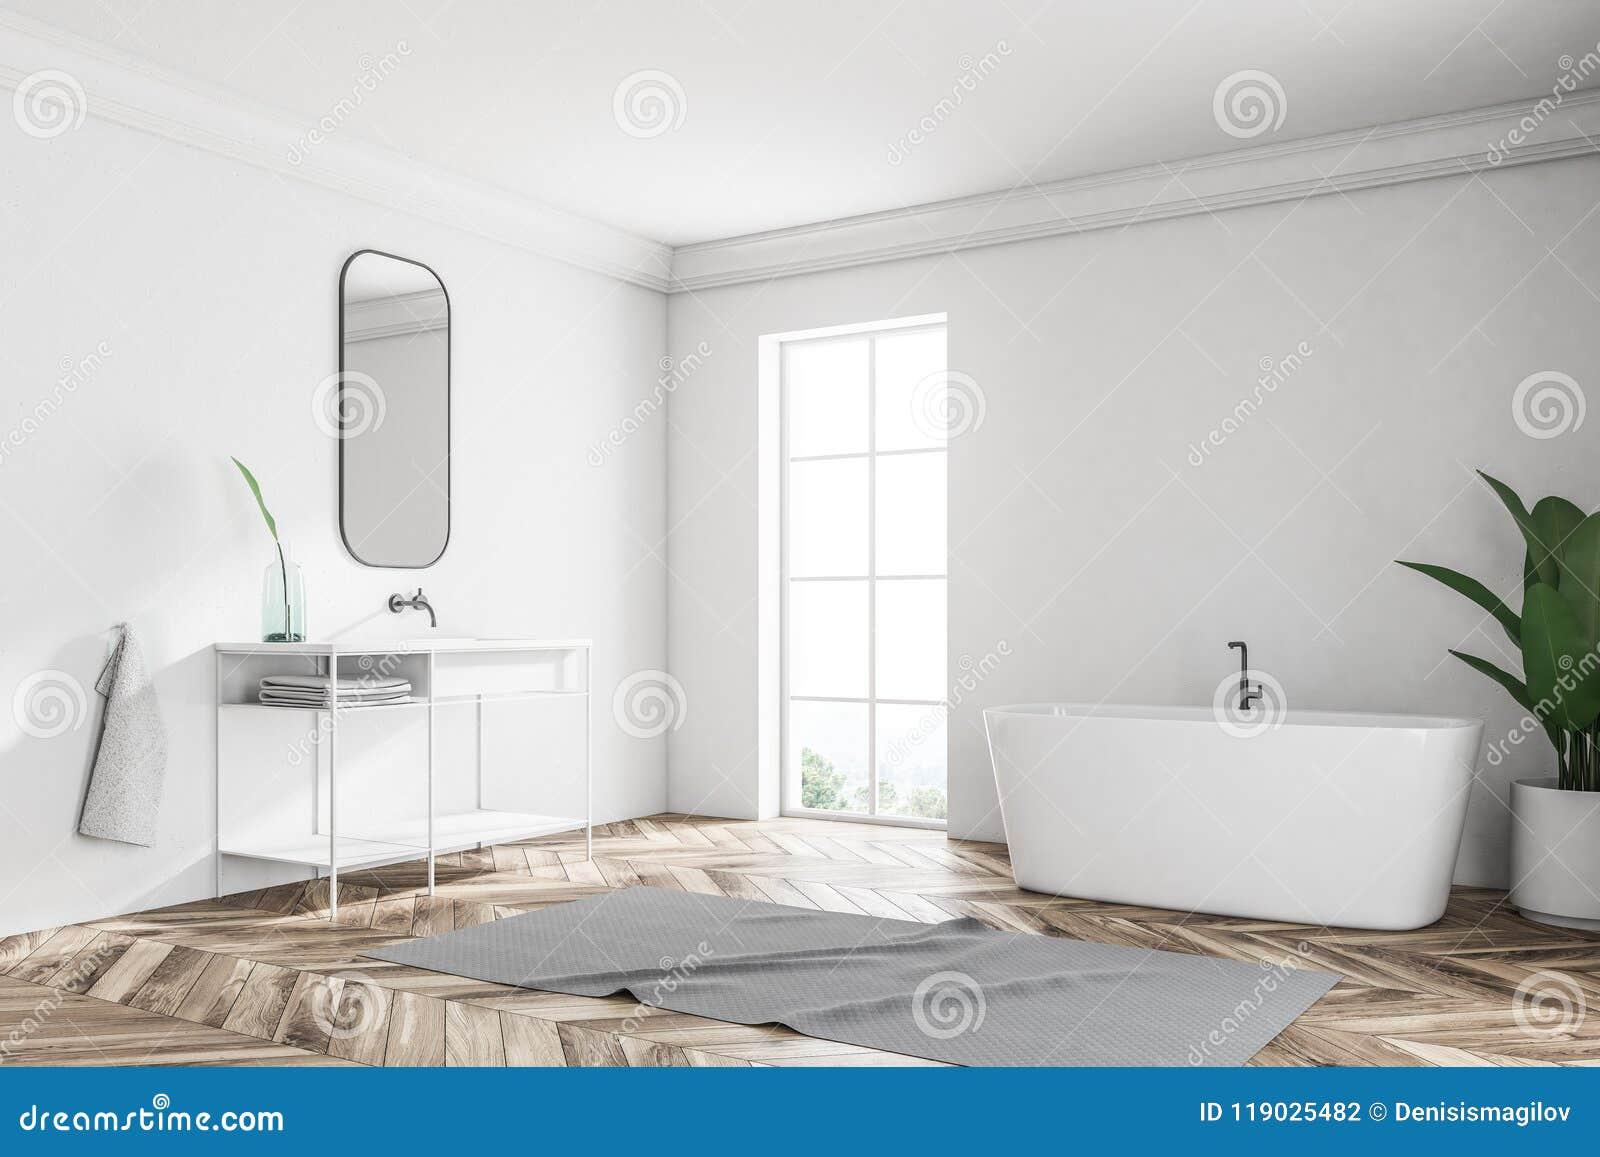 Белые угол, ушат и раковина ванной комнаты просторной квартиры